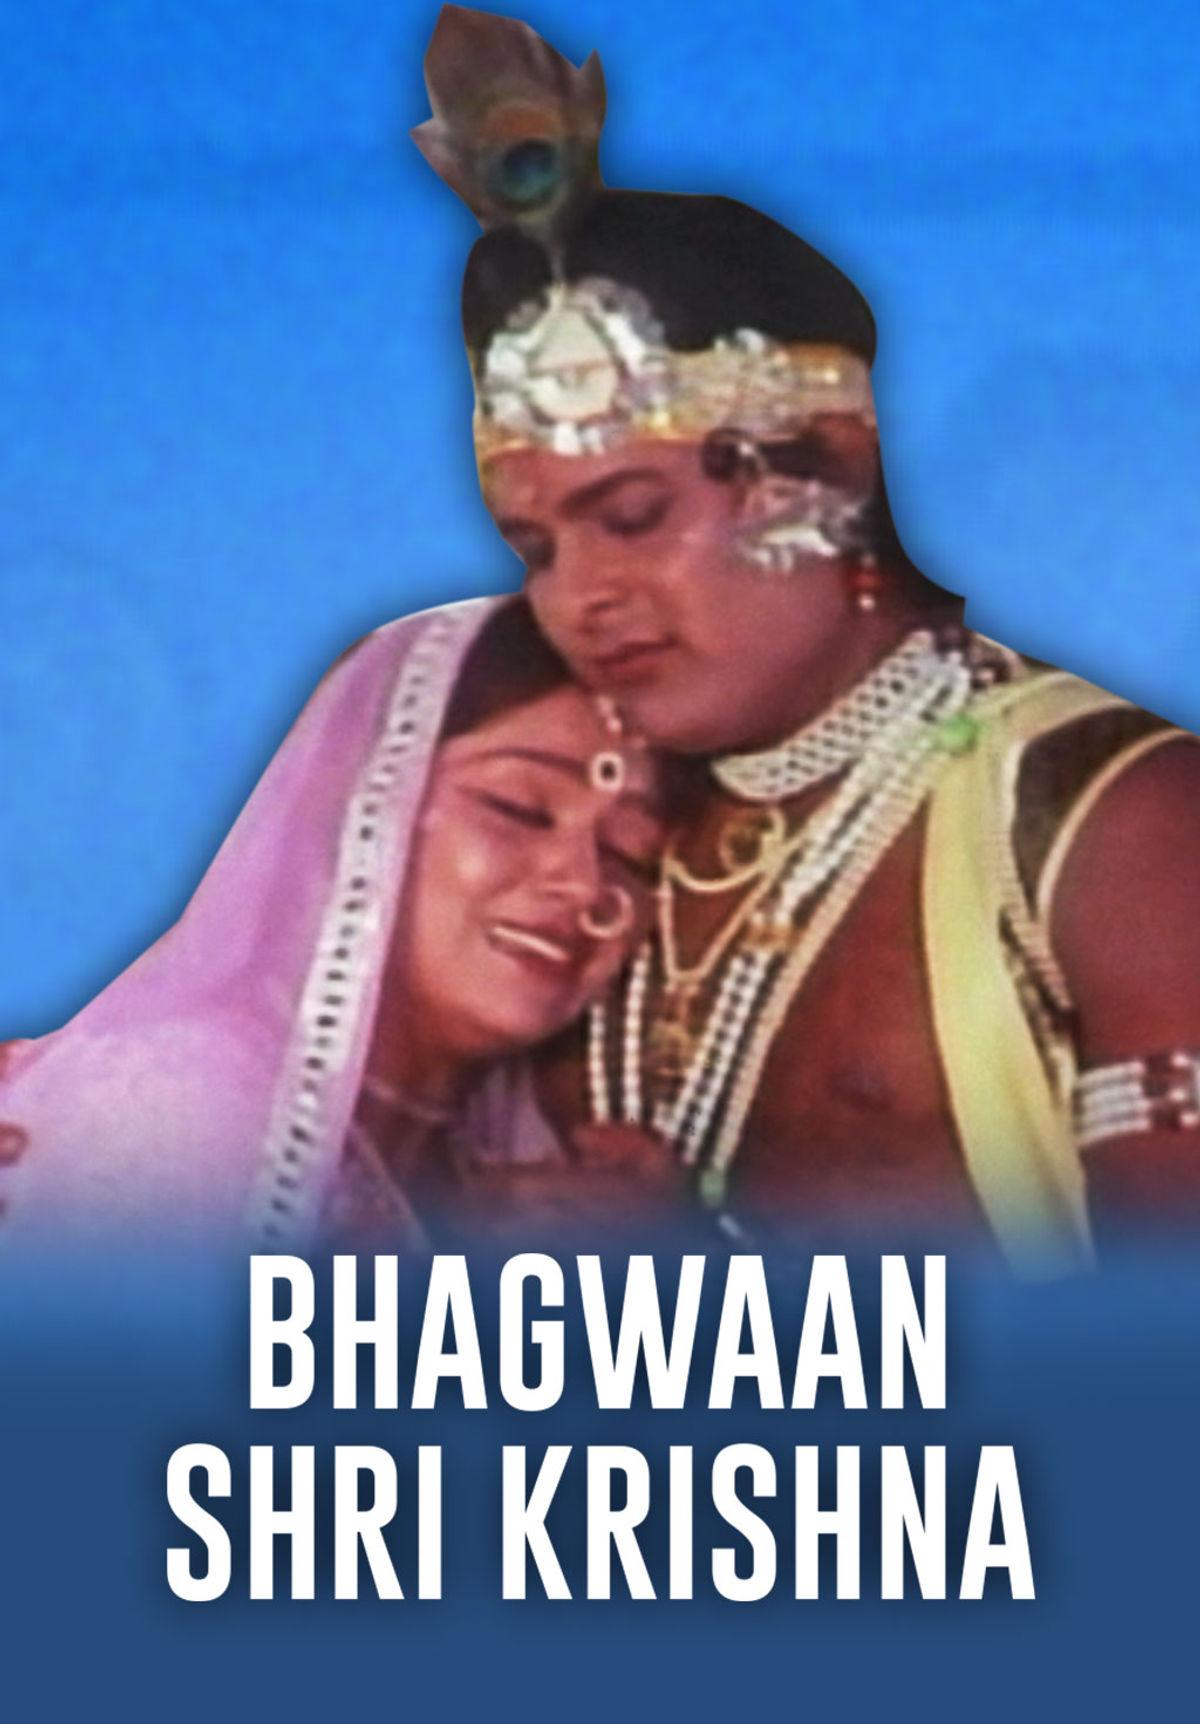 Bhagwan Shri Krishna